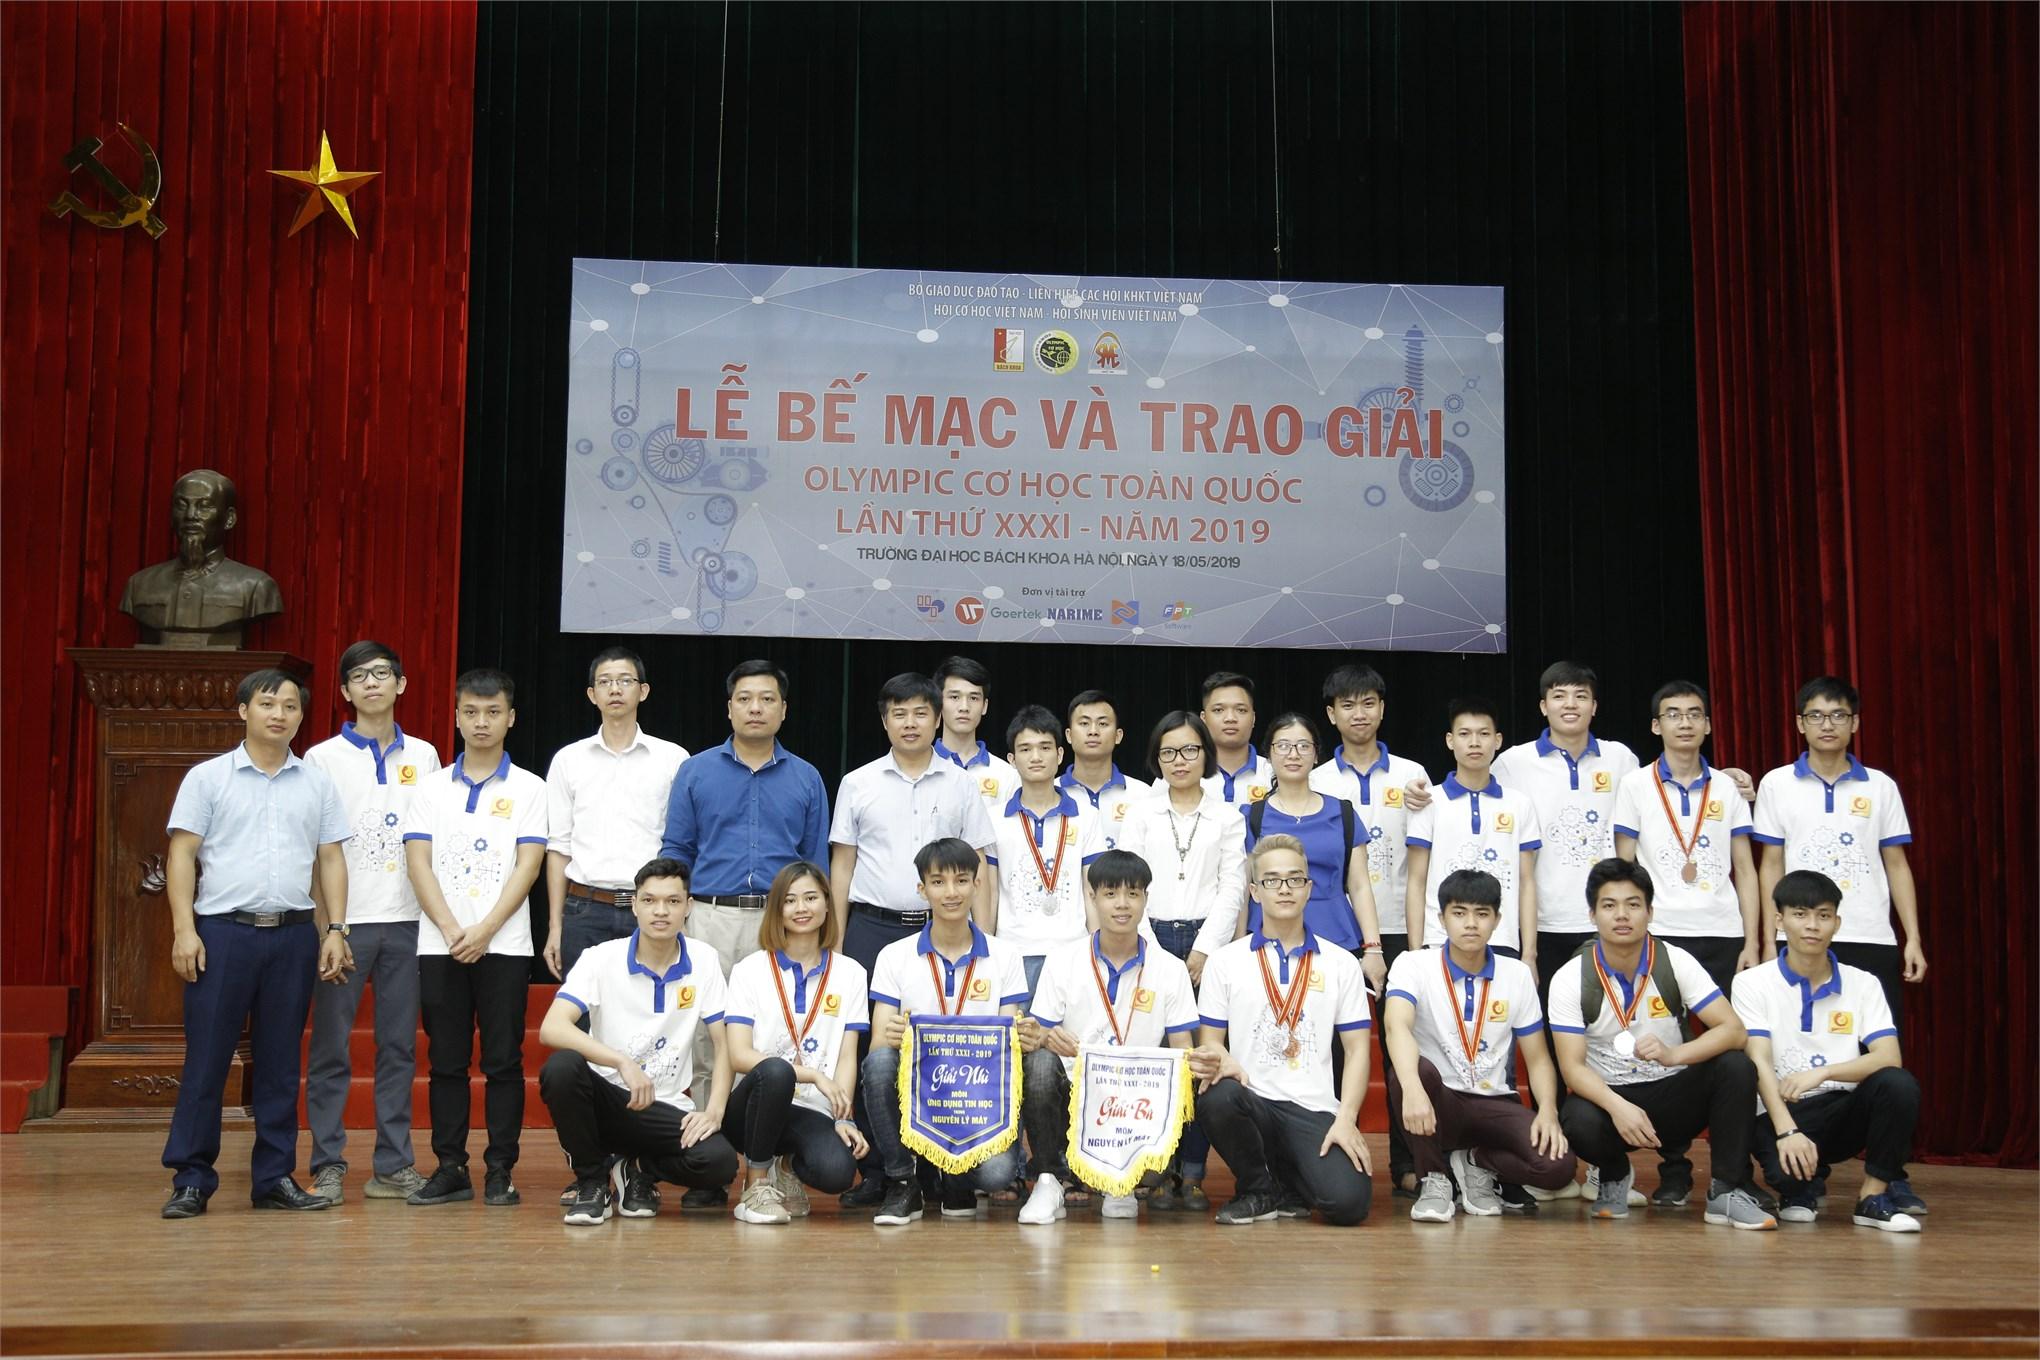 Tập thể sinh viên và Thầy cô giáo trường Đại học Công nghiệp Hà Nội chụp ảnh lưu niệm tại lễ trao giải Olympic Cơ học toàn quốc lần thứ XXXI – năm 2019